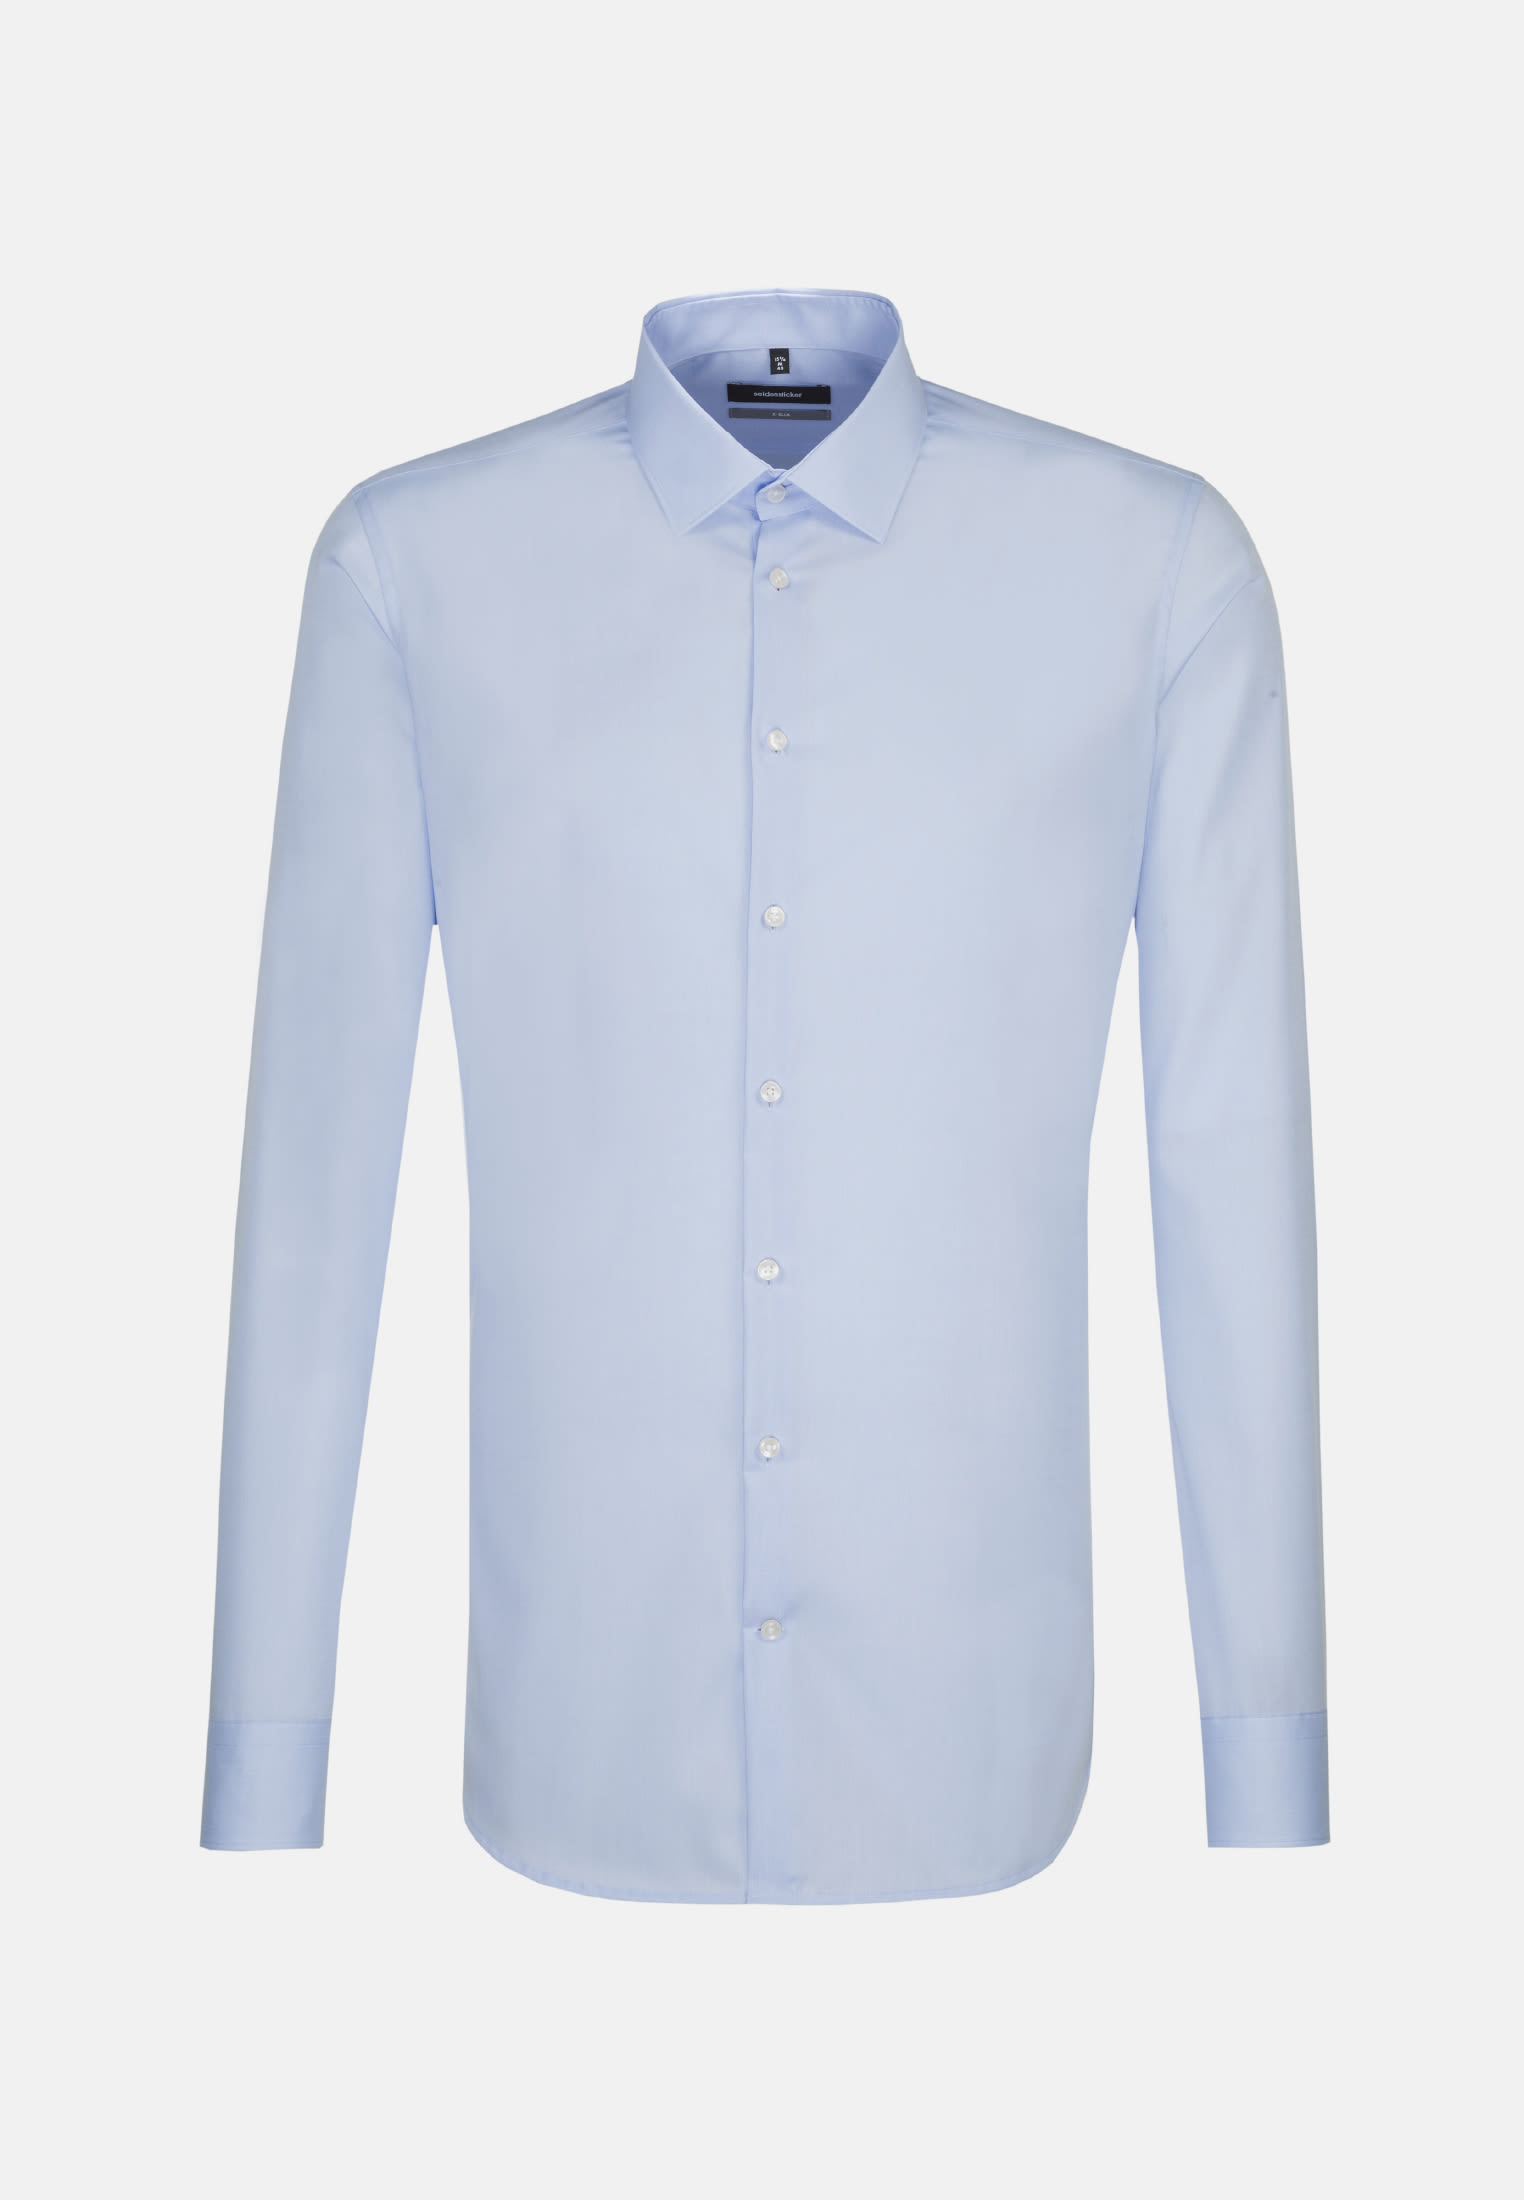 Bügelfreies Popeline Business Hemd in X-Slim mit Kentkragen und extra langem Arm in Hellblau |  Seidensticker Onlineshop